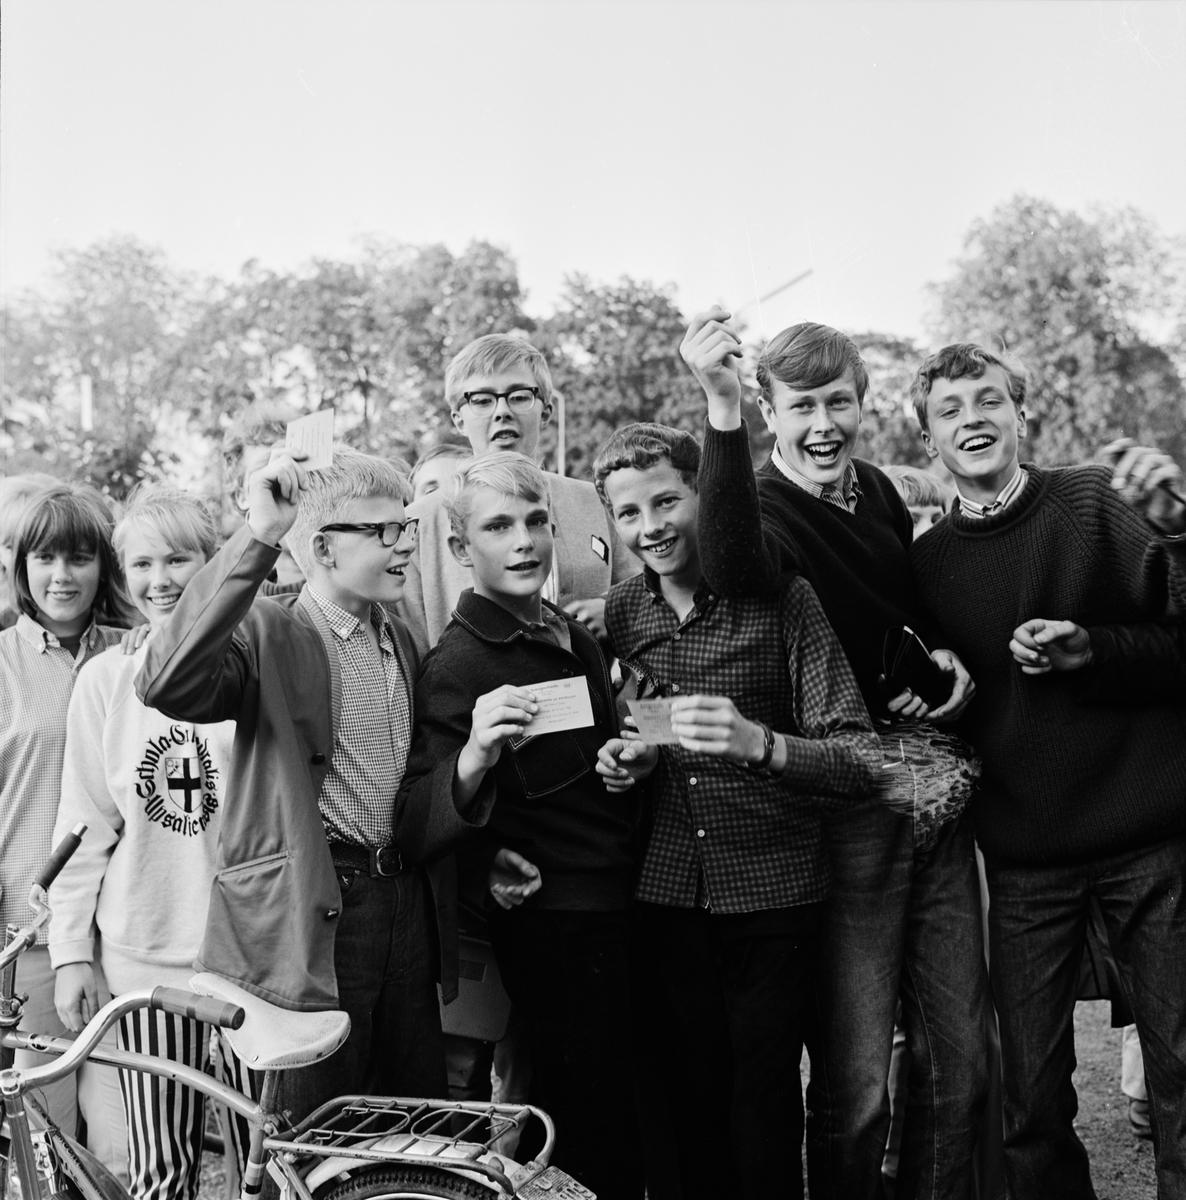 Språngmarsch till utdelningen av fribiljetter för Sommartoppen, Studenternas Idrottsplats, Uppsala 1964